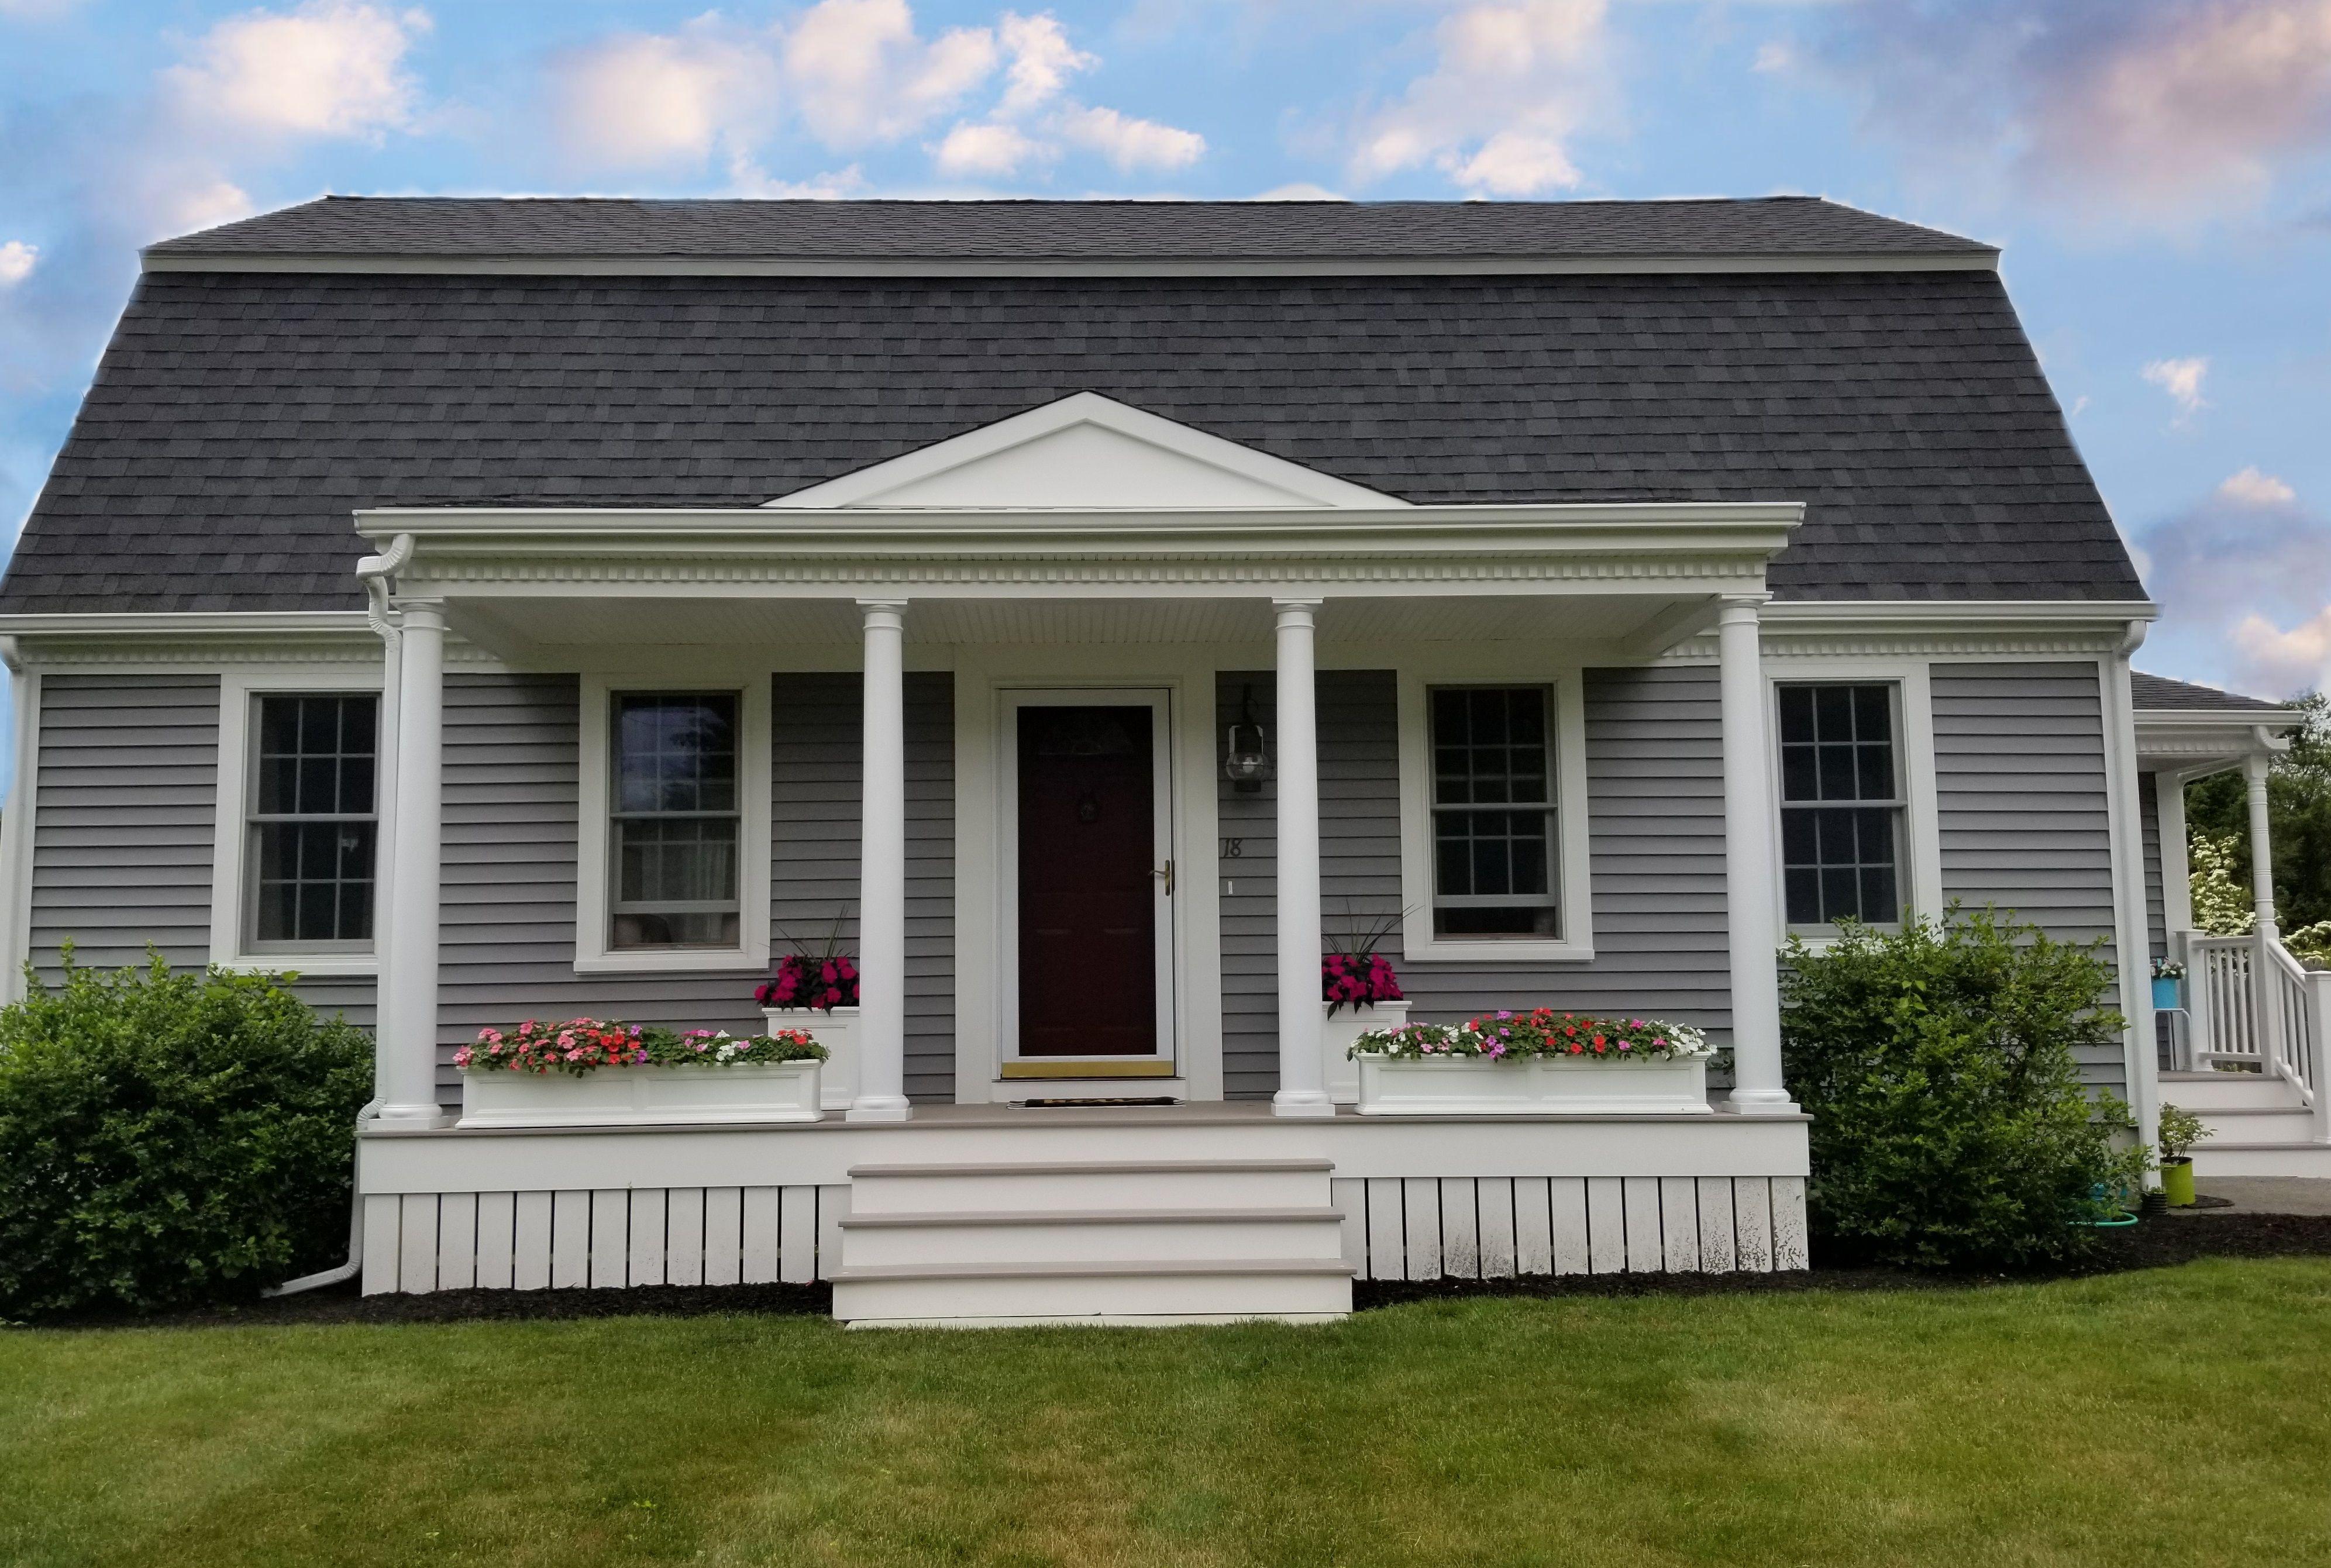 Vinyl Siding And Farmer S Porch Add Curb Appeal To Fairhaven Ma Home Contractor Cape Cod Ma Ri Farmers Porch Vinyl Siding Architectural Shingles